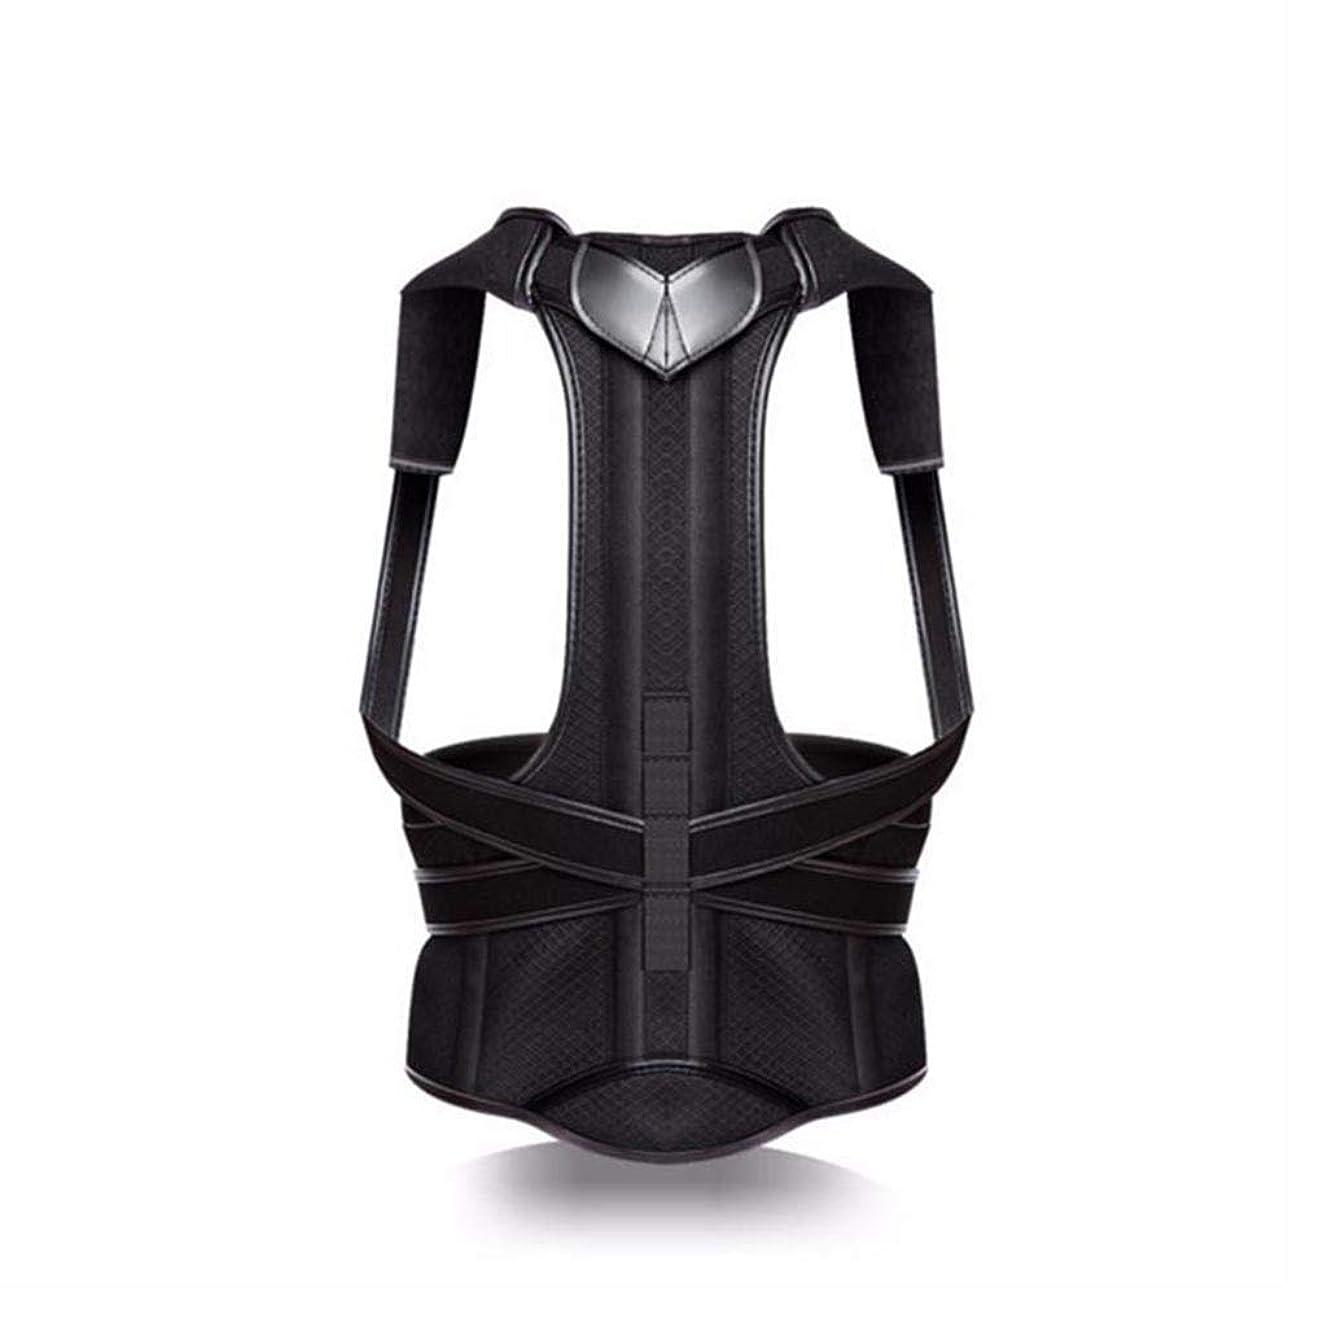 カウンタ神秘好きである姿勢補正器、調整可能な弾性ストラップバックサポートブレースは、男性と女性の姿勢を改善し、腰痛と腰痛の腰部サポートを提供します,M